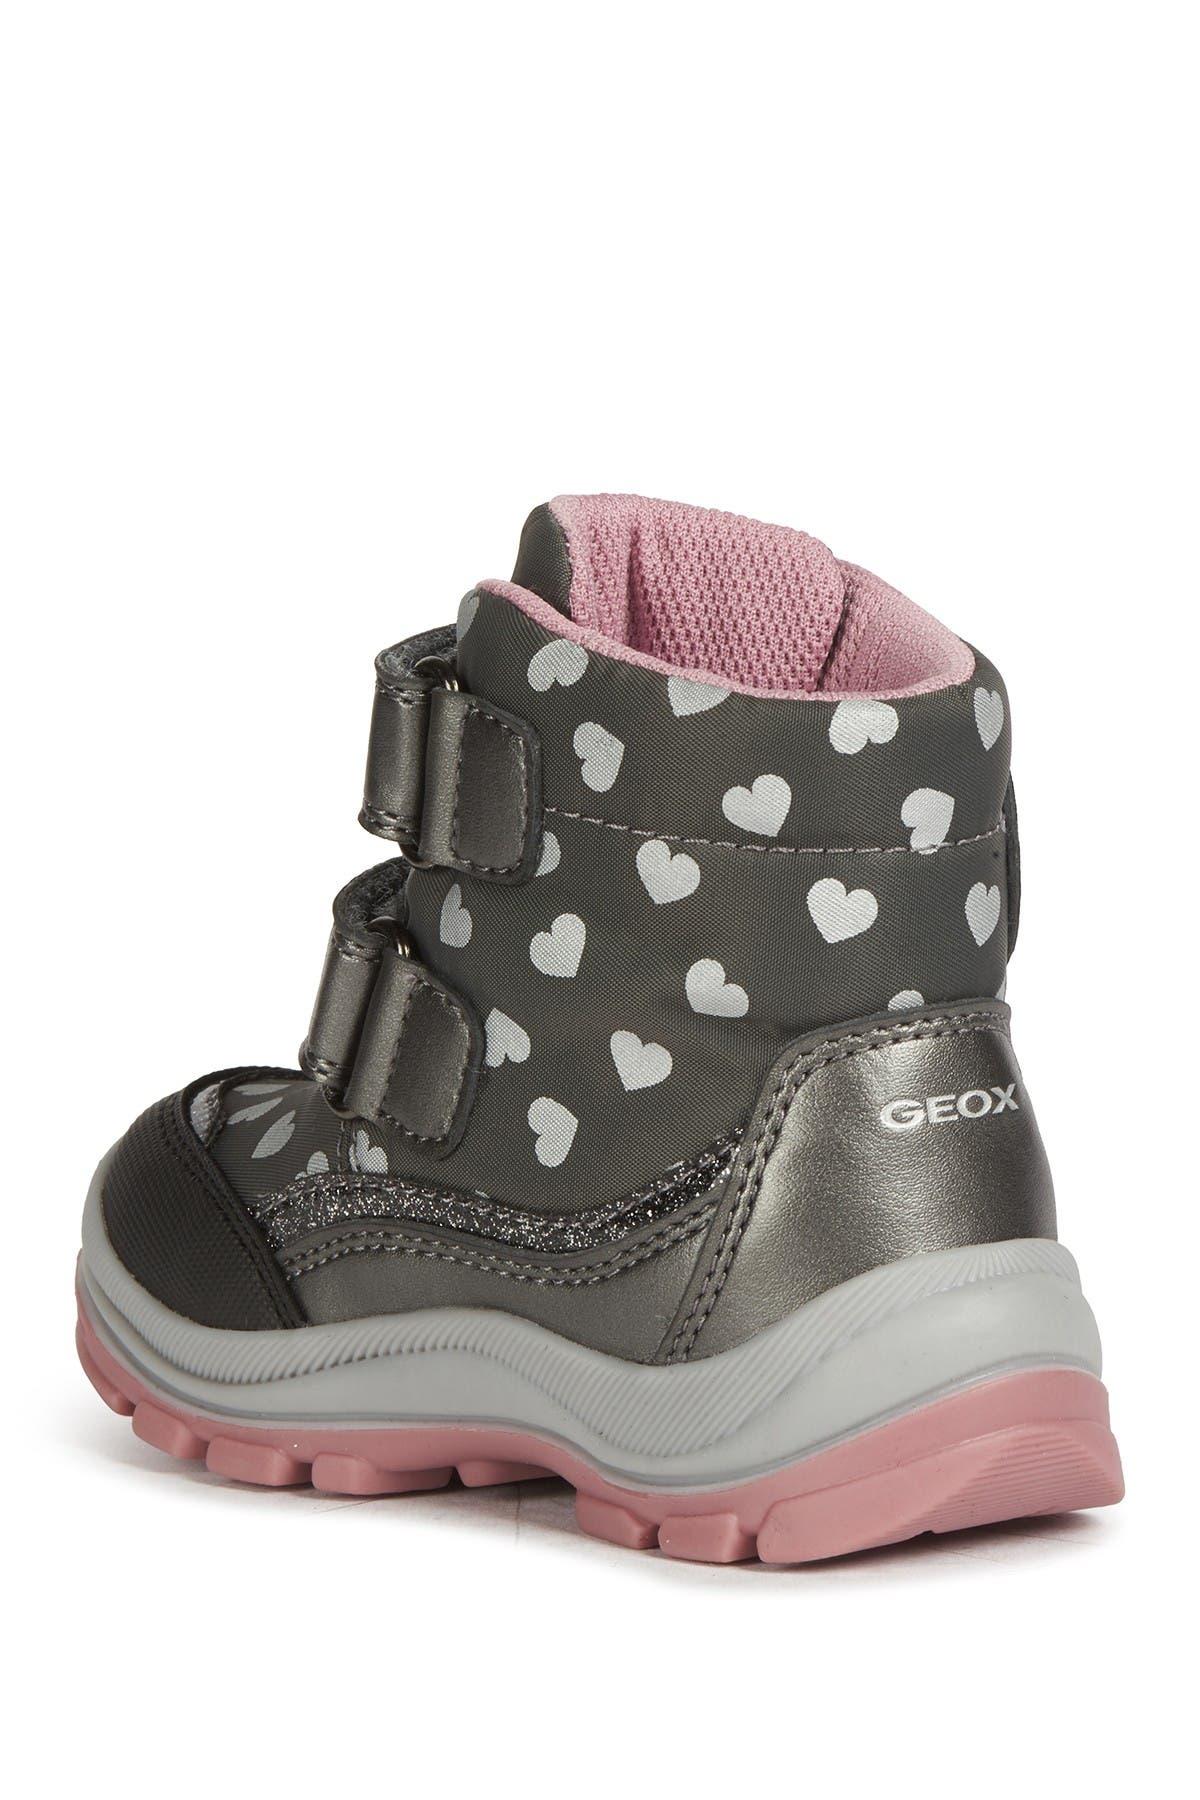 GEOX Flanfil Waterproof Boot